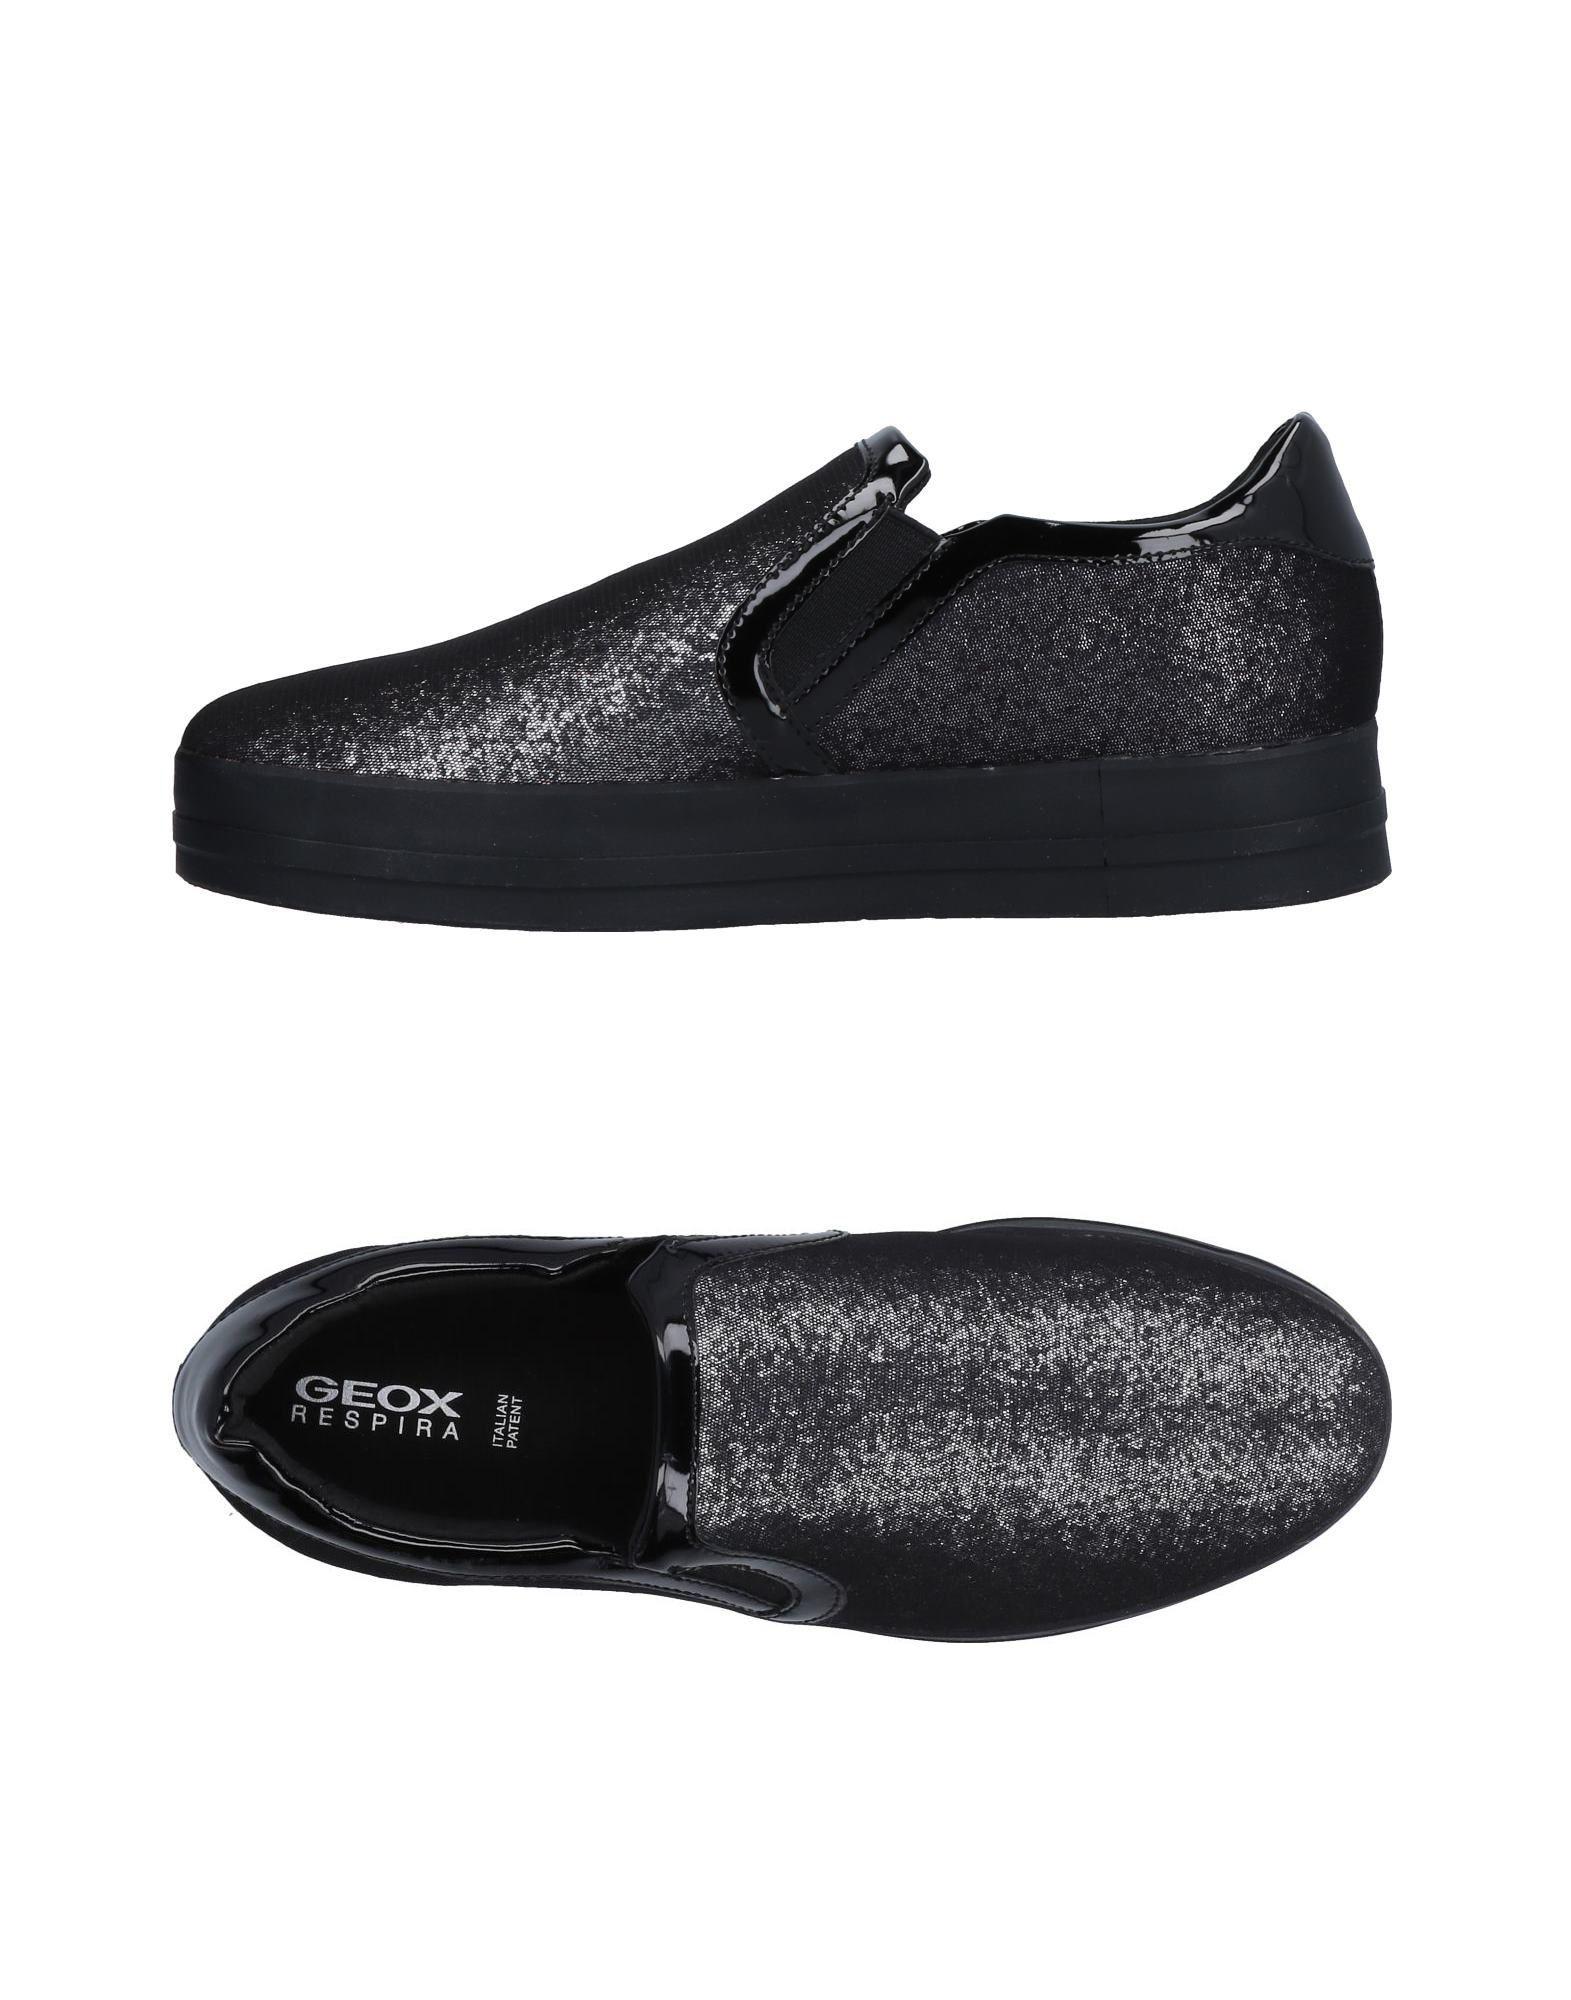 Geox Sneakers Qualität Damen  11520363PJ Gute Qualität Sneakers beliebte Schuhe 35429d